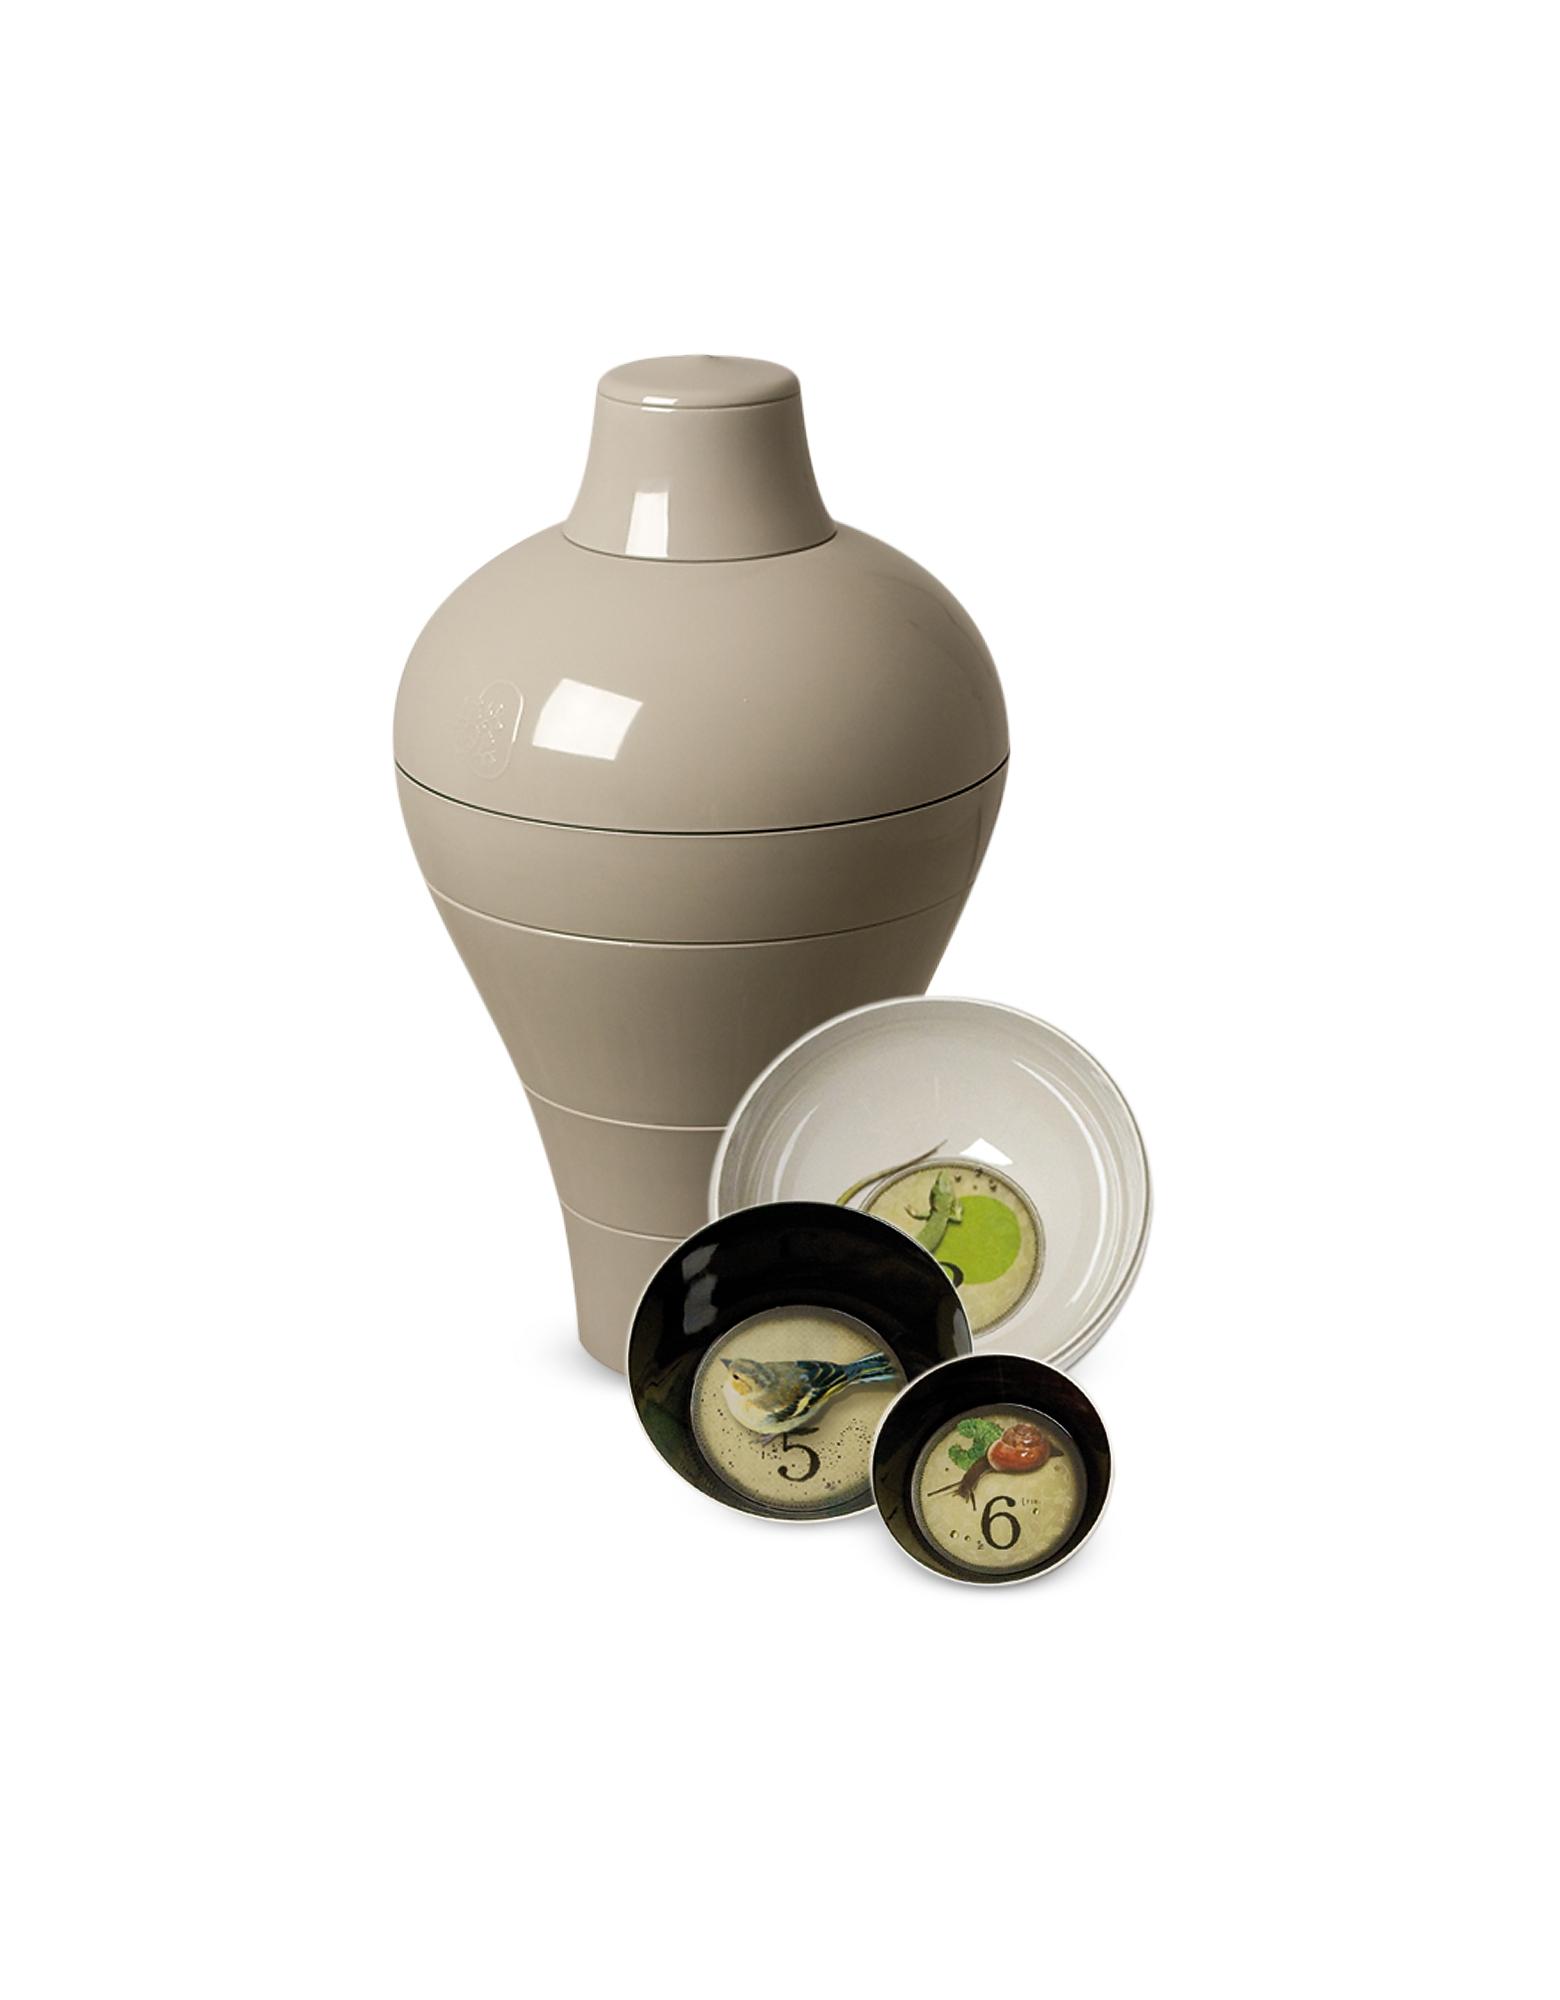 Image of Ibride Designer Kitchen & Dining, Grey Ming - Vase/Stackable Bowls